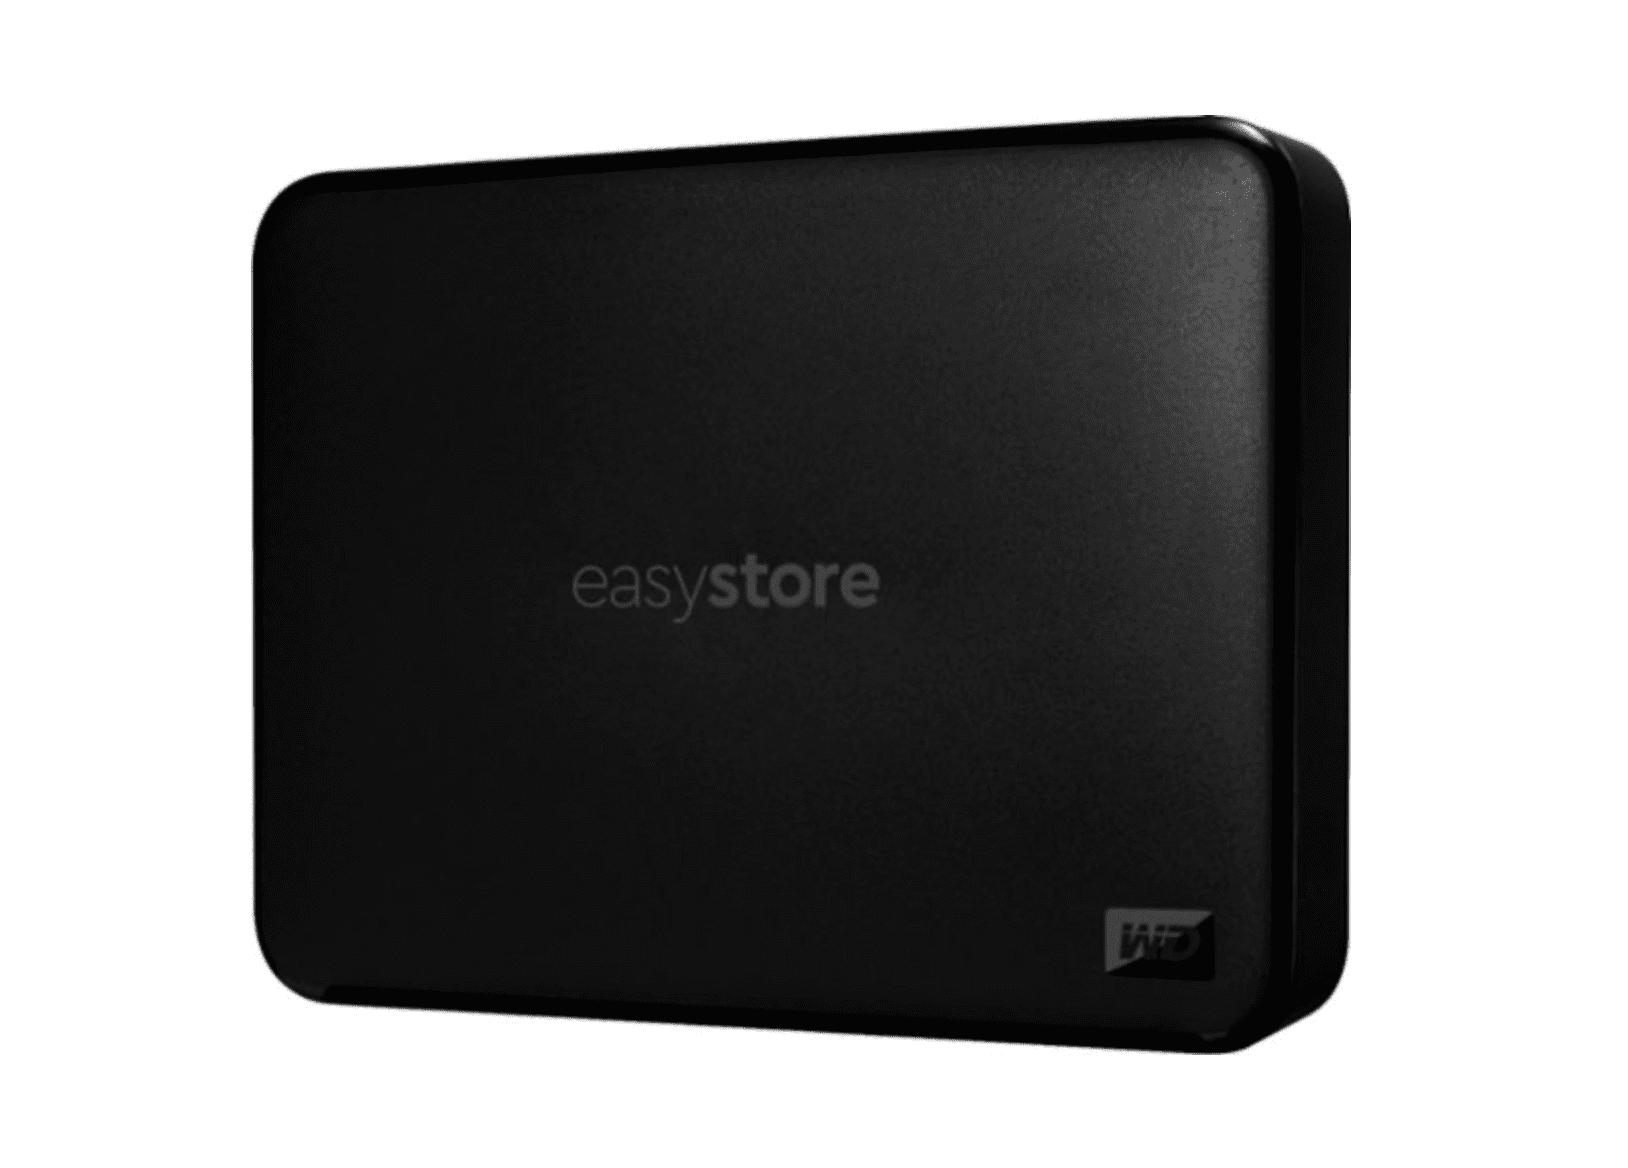 Best Buy: WD External Hard drive on sale!